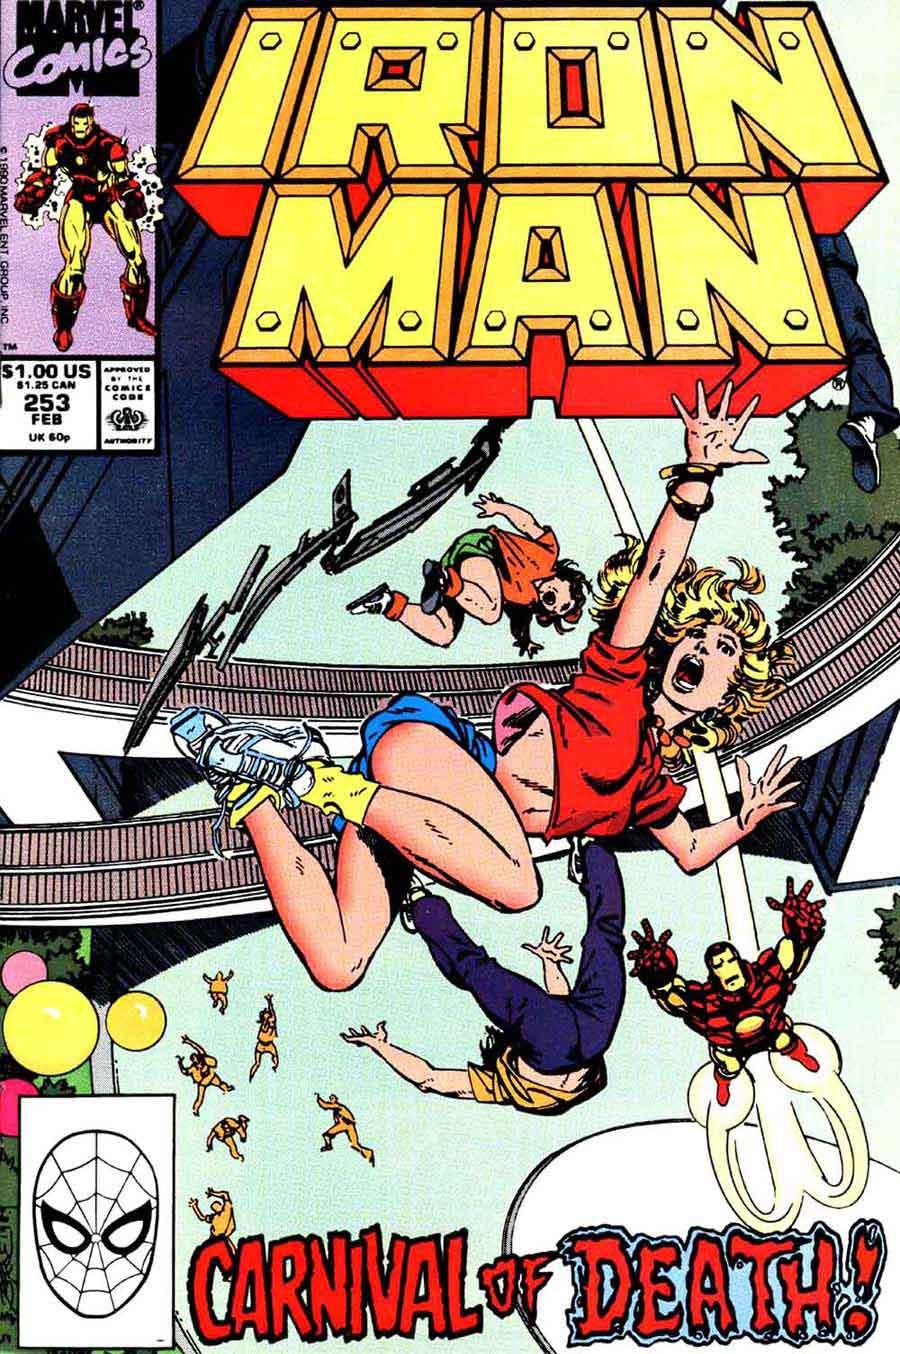 Iron Man v1 #253 marvel comic book cover art by John Byrne